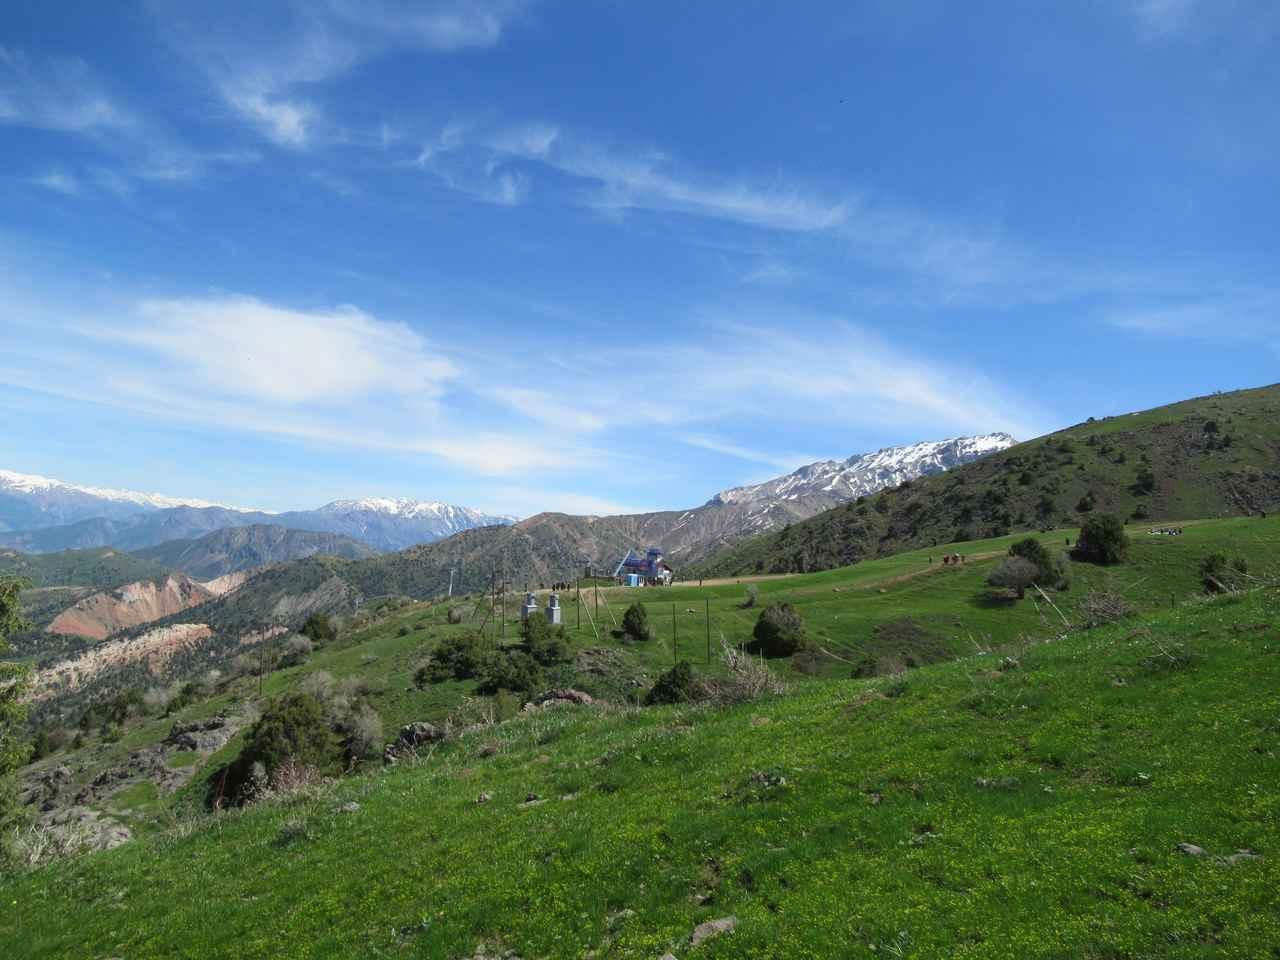 画像3: ハイキング中の風景